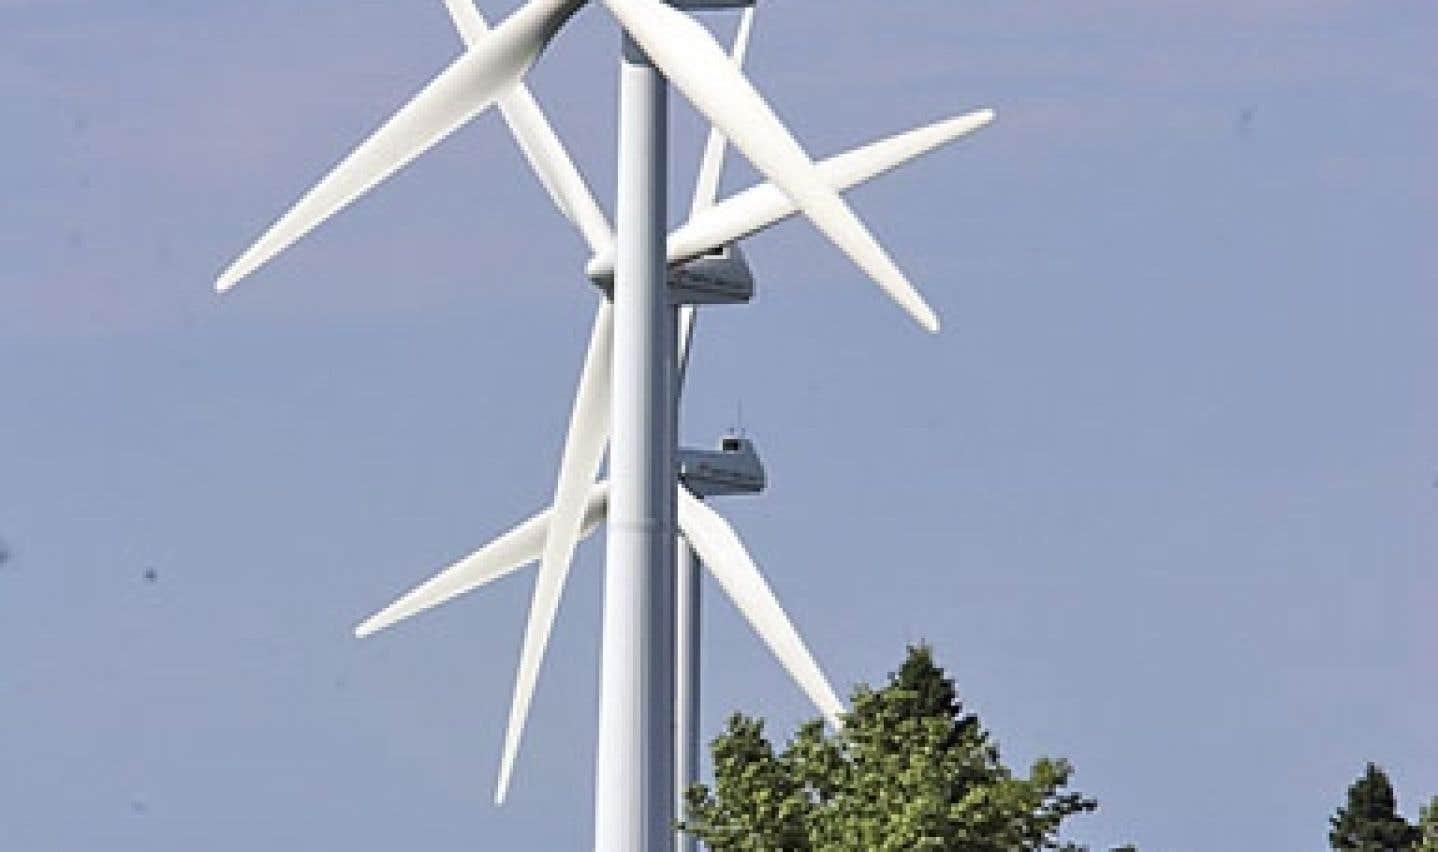 L'industrie de l'éolien manifeste son impatience